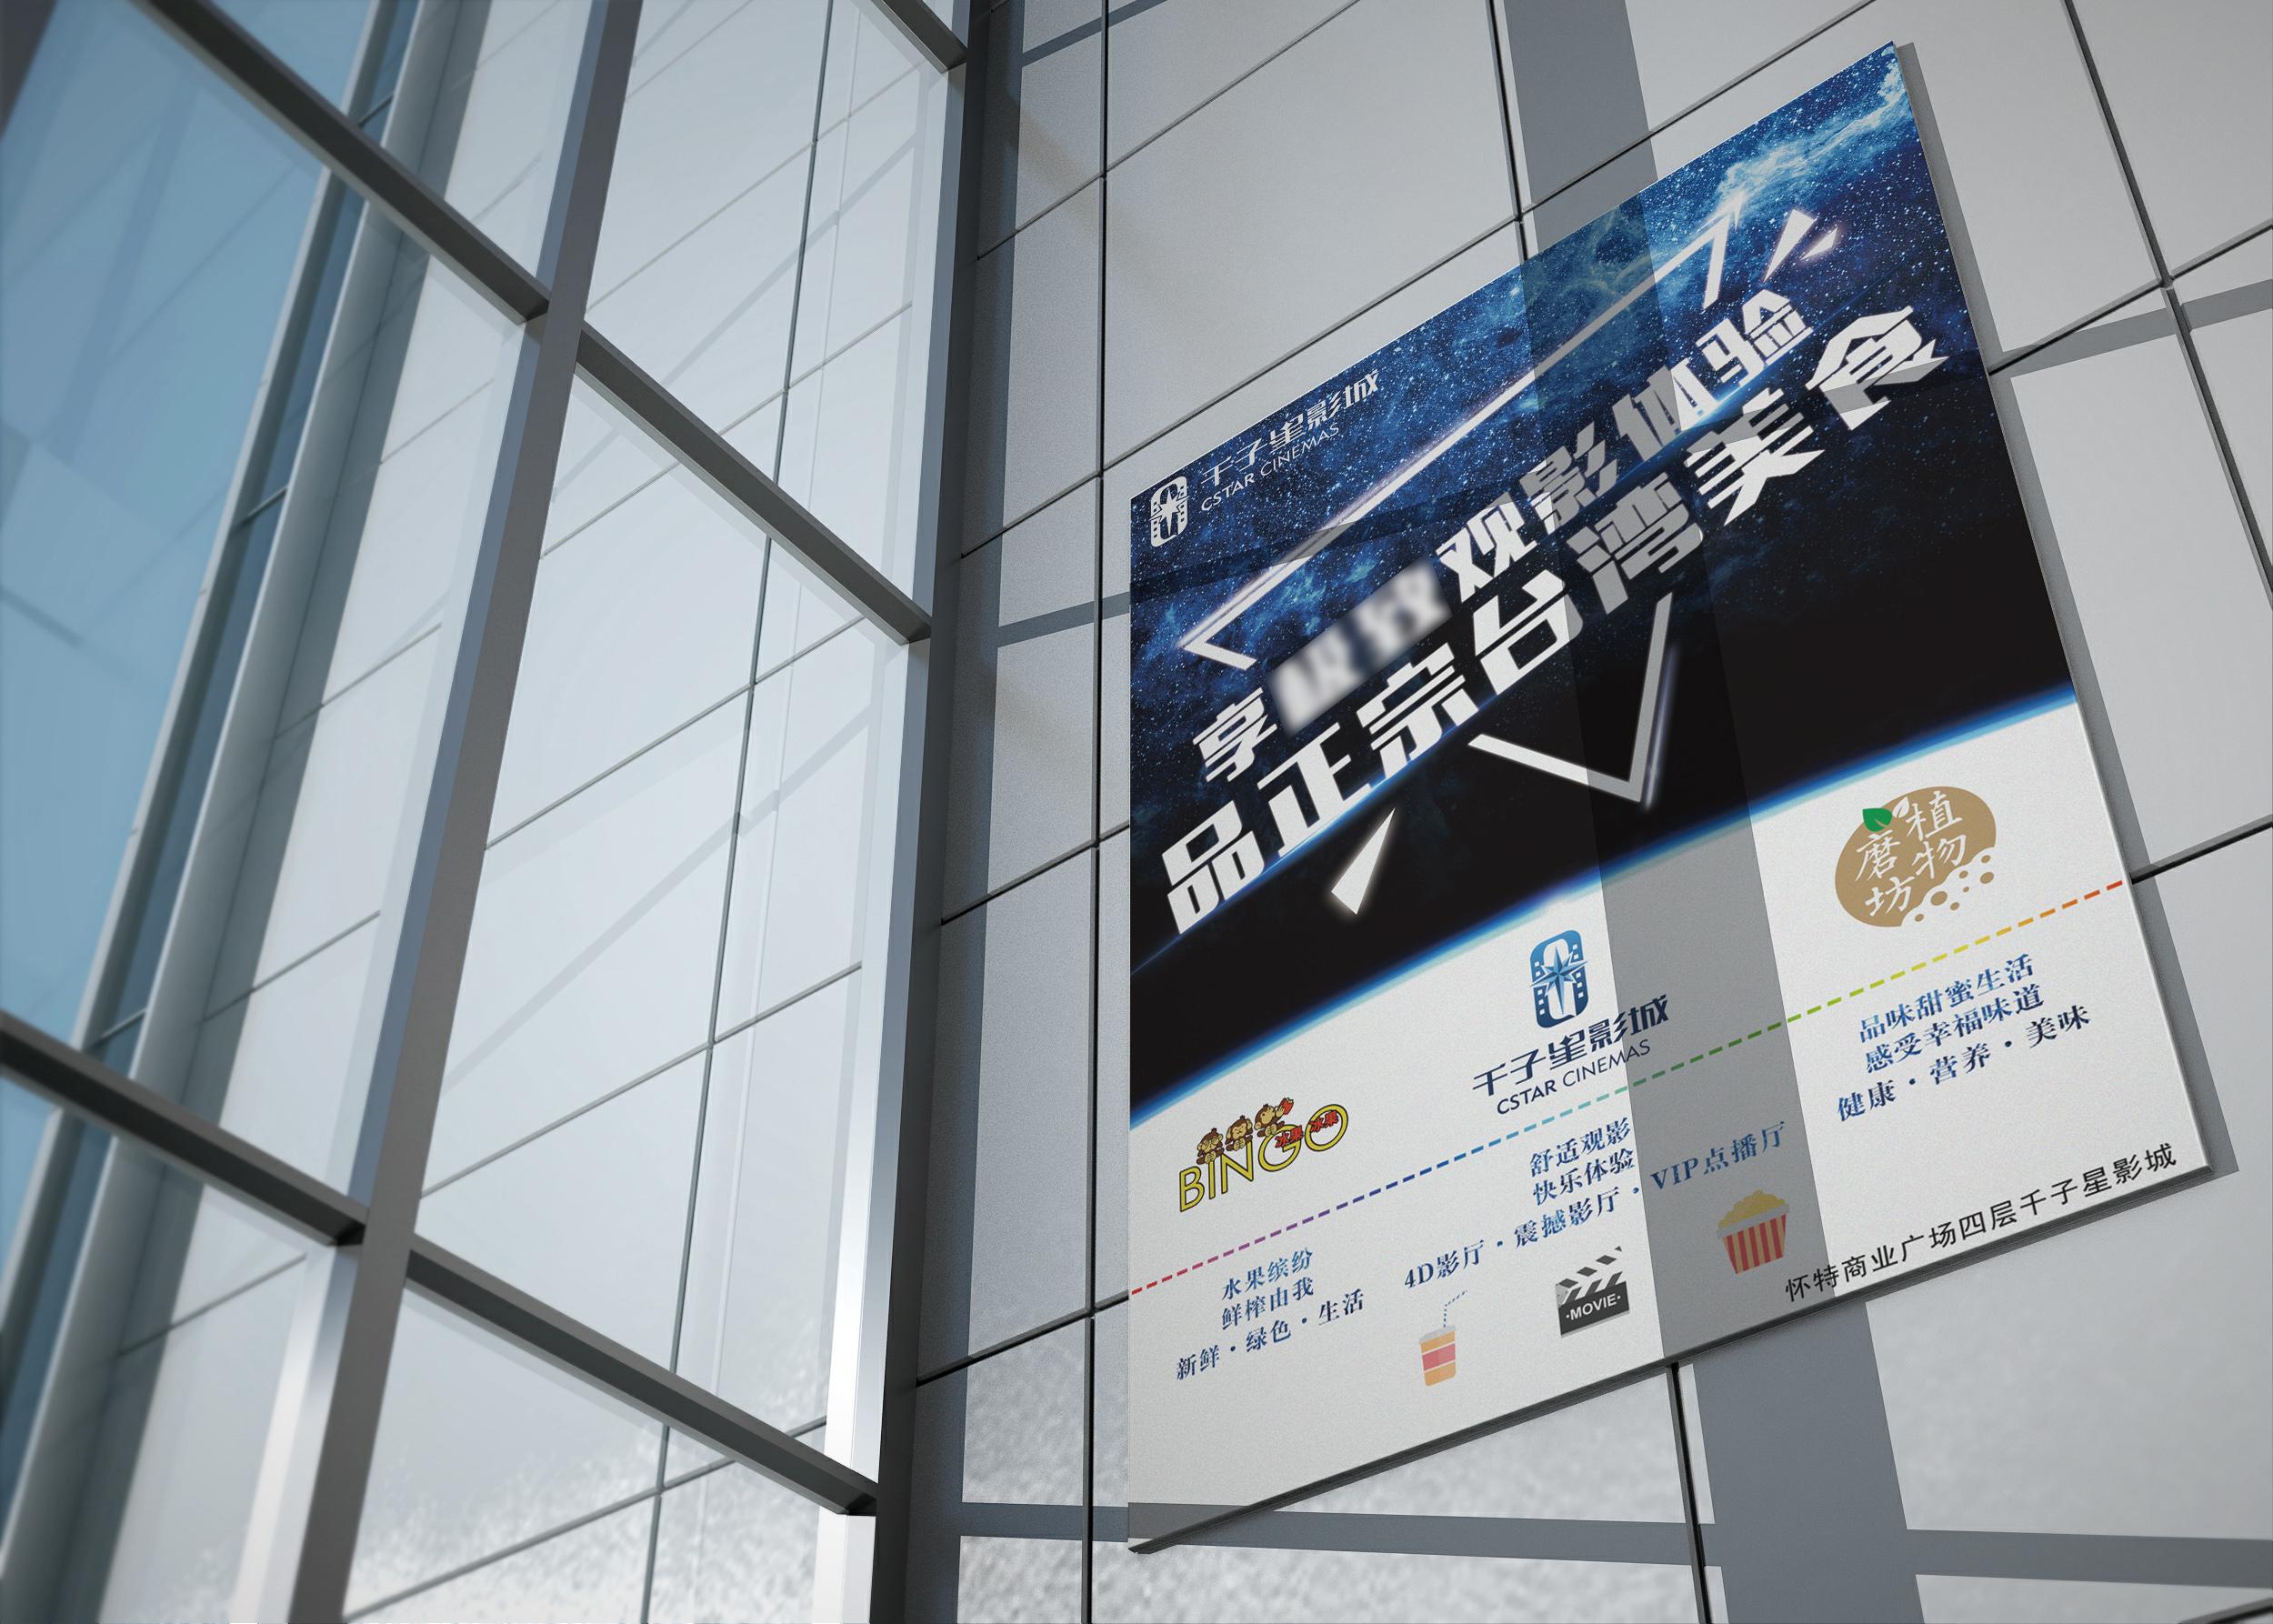 喷绘写真设计形象宣传海报产品展示教育培训餐饮行业平面广告设计